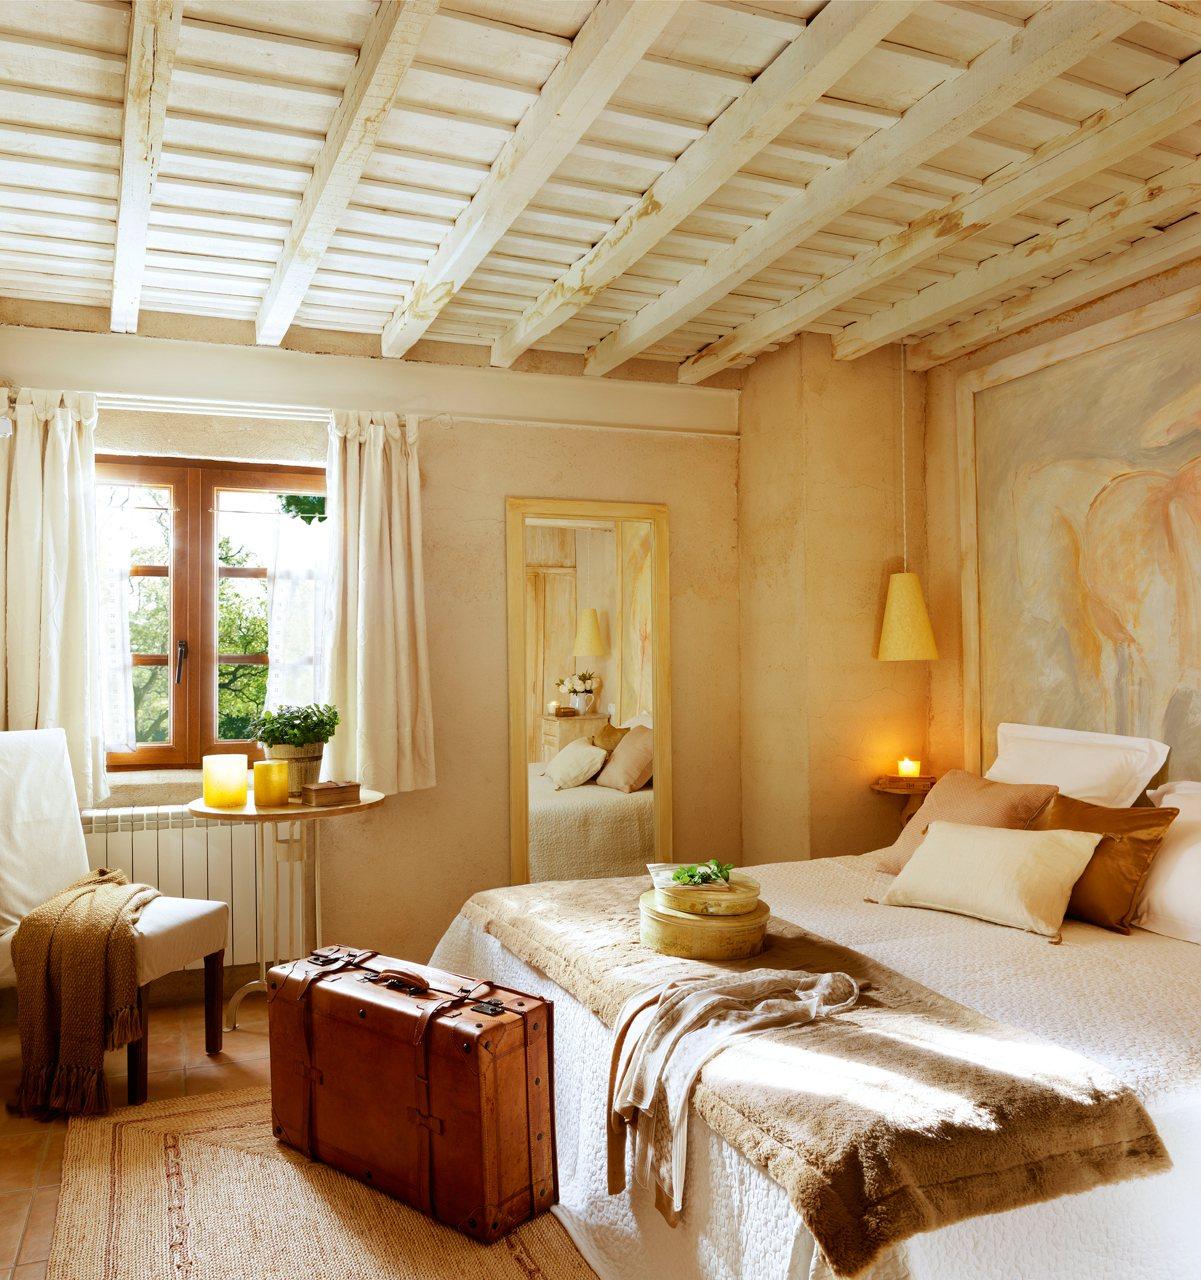 Hotel rural la casa de la sal - Dormitorios rusticos ...